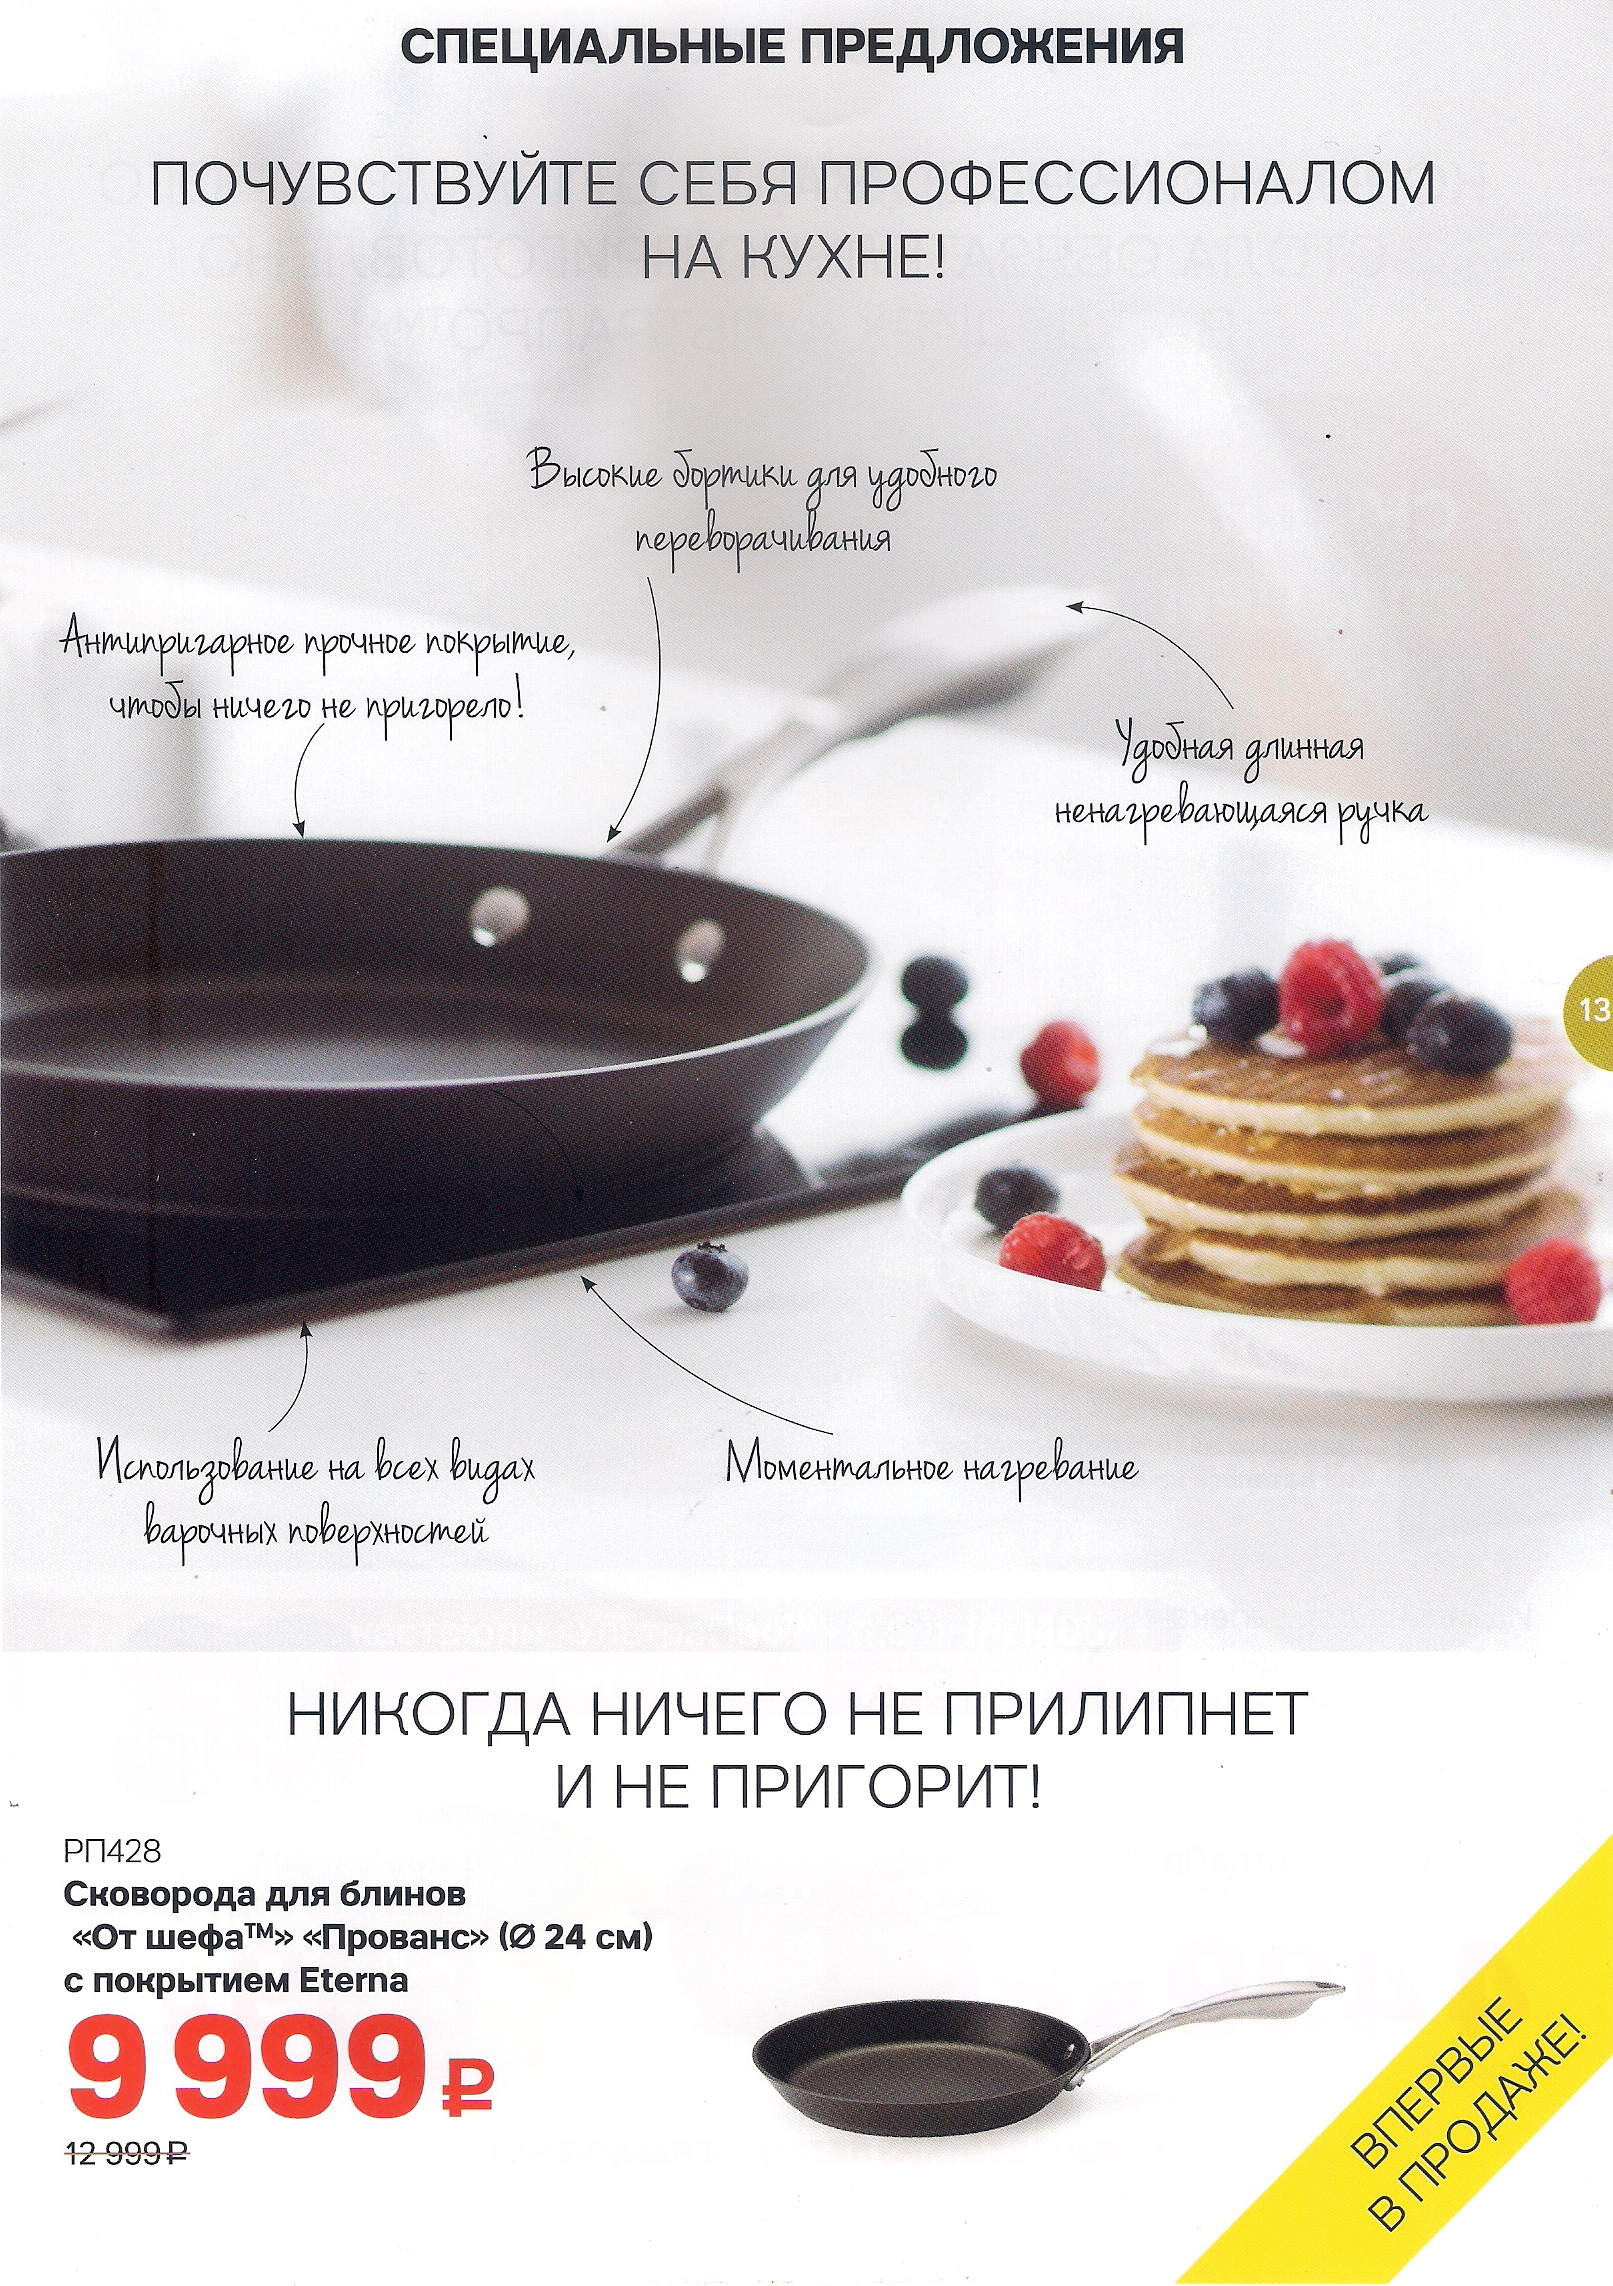 http://tupperware-online.ru/images/upload/12p.jpg